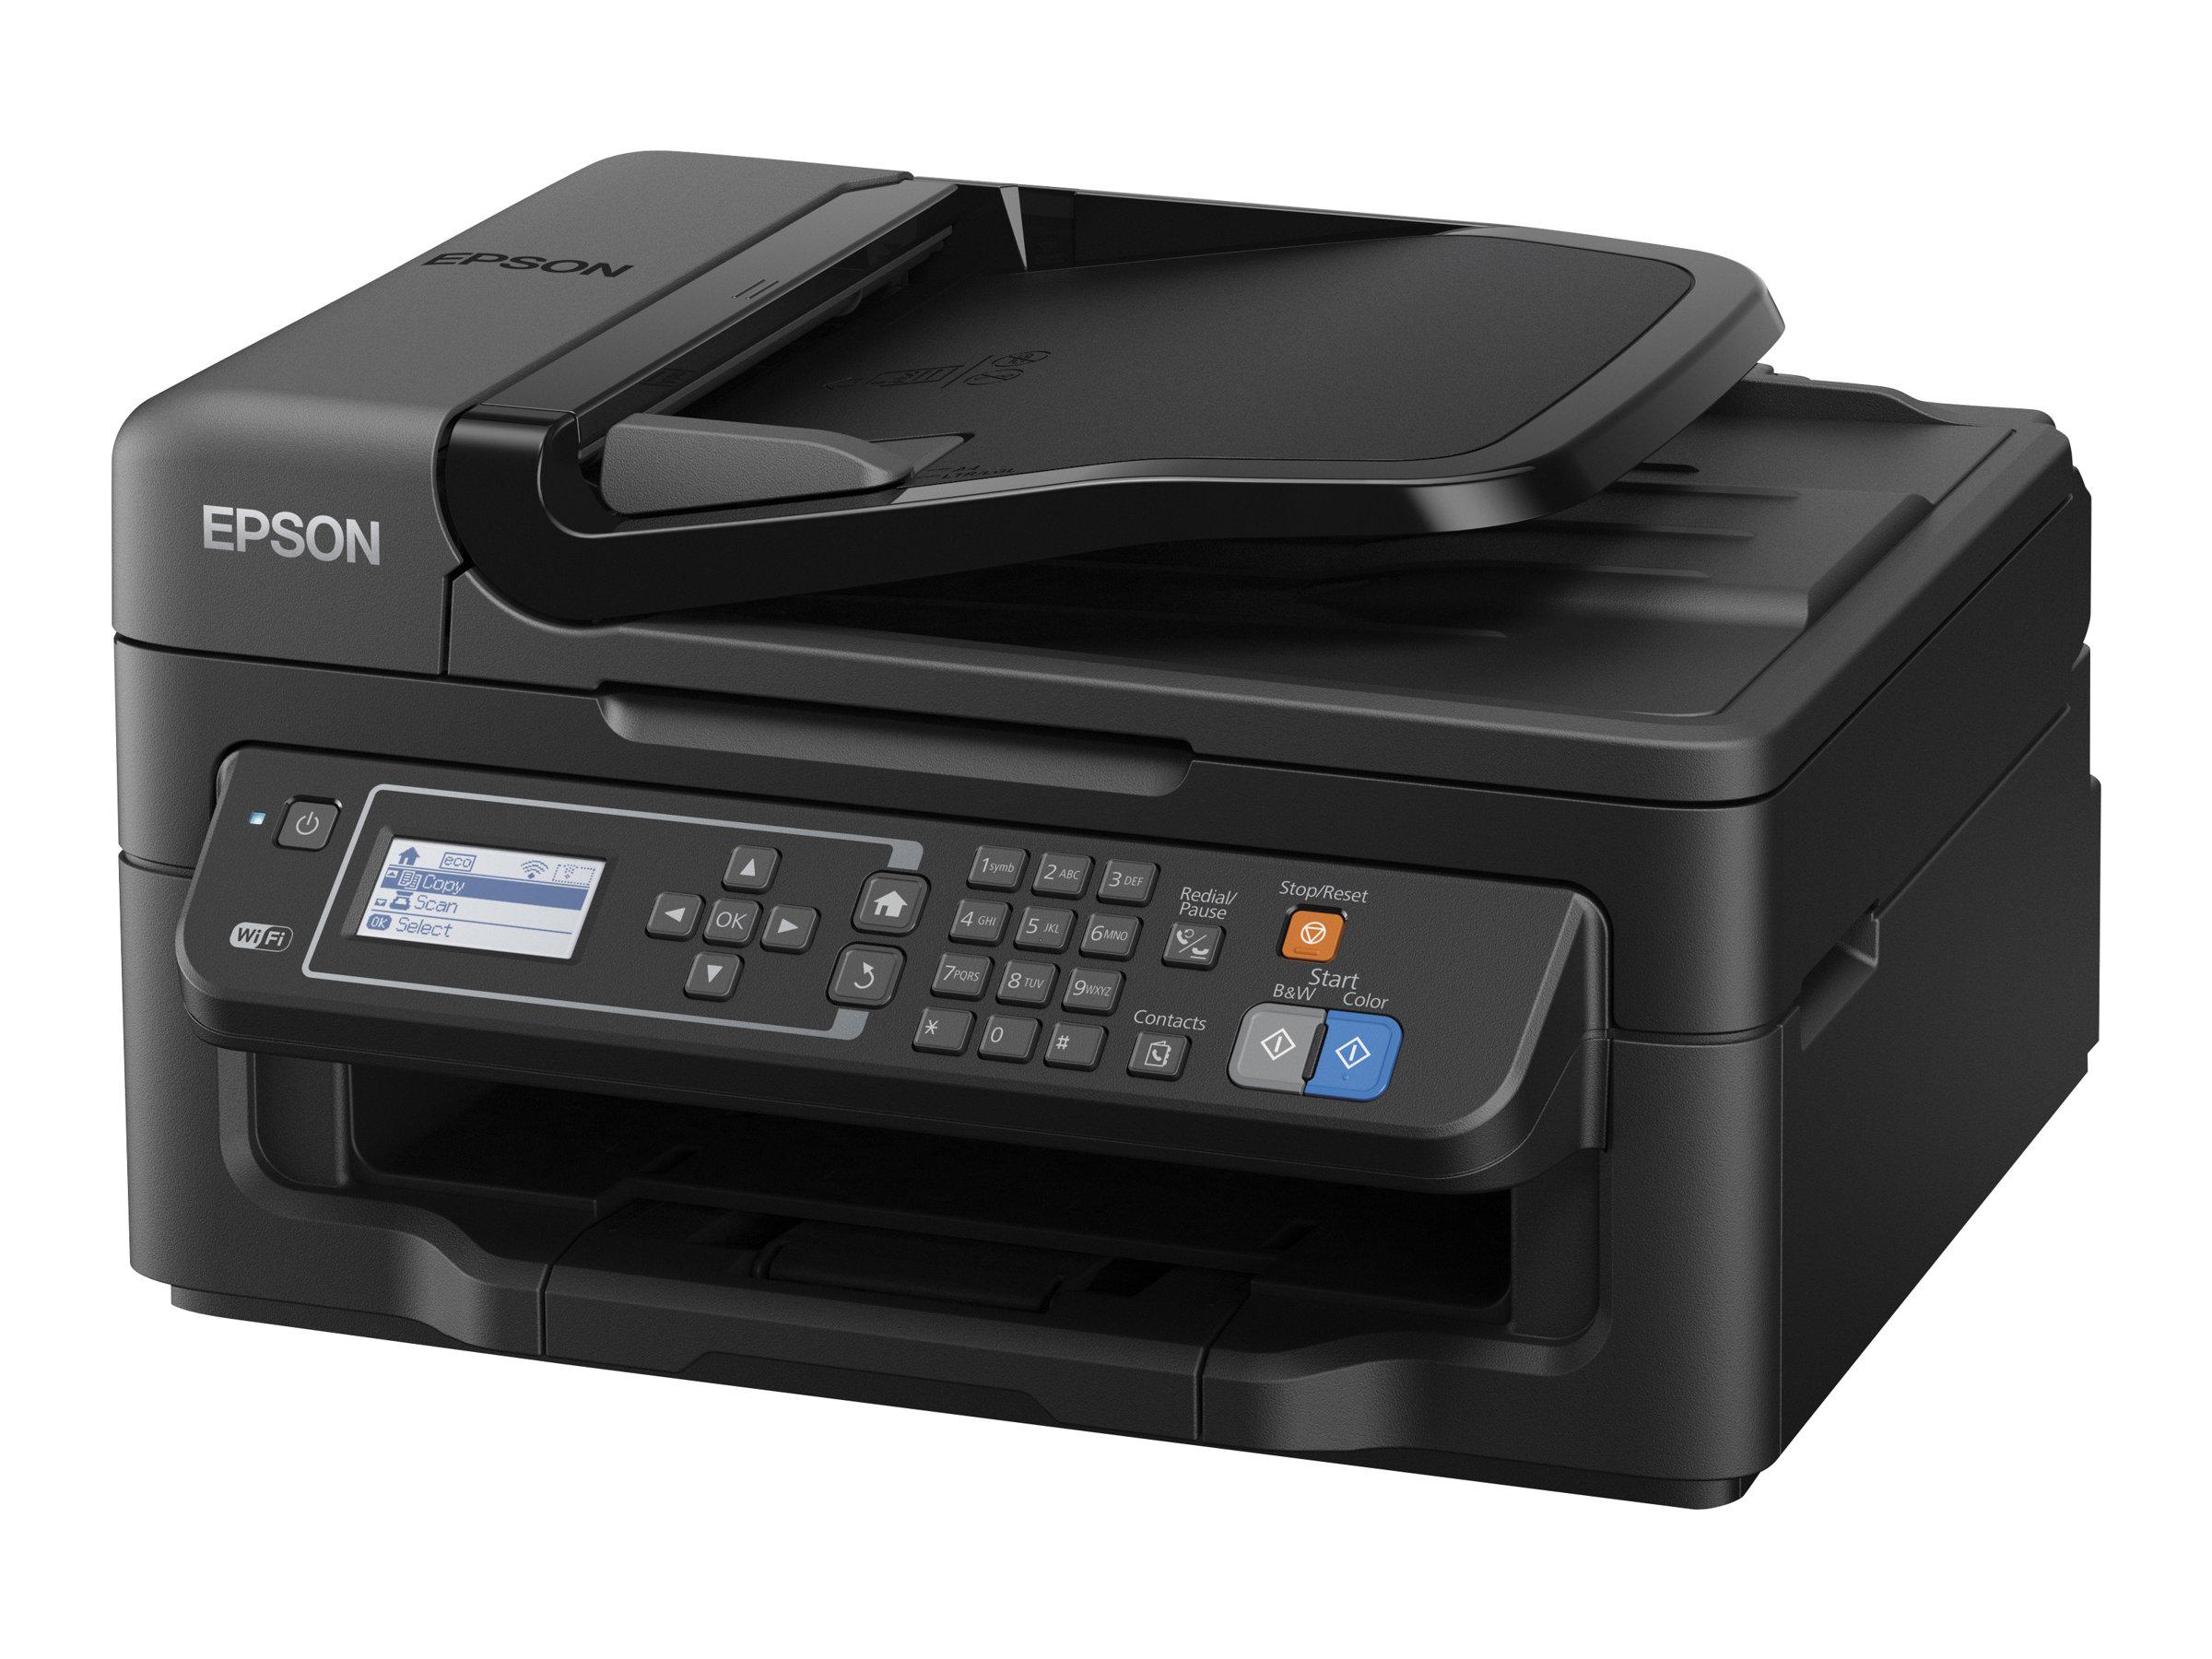 Epson WorkForce WF-2630WF - Multifunktionsdrucker - Farbe - Tintenstrahl - A4/Legal (Medien) - bis zu 34 Seiten/Min. (Drucken)